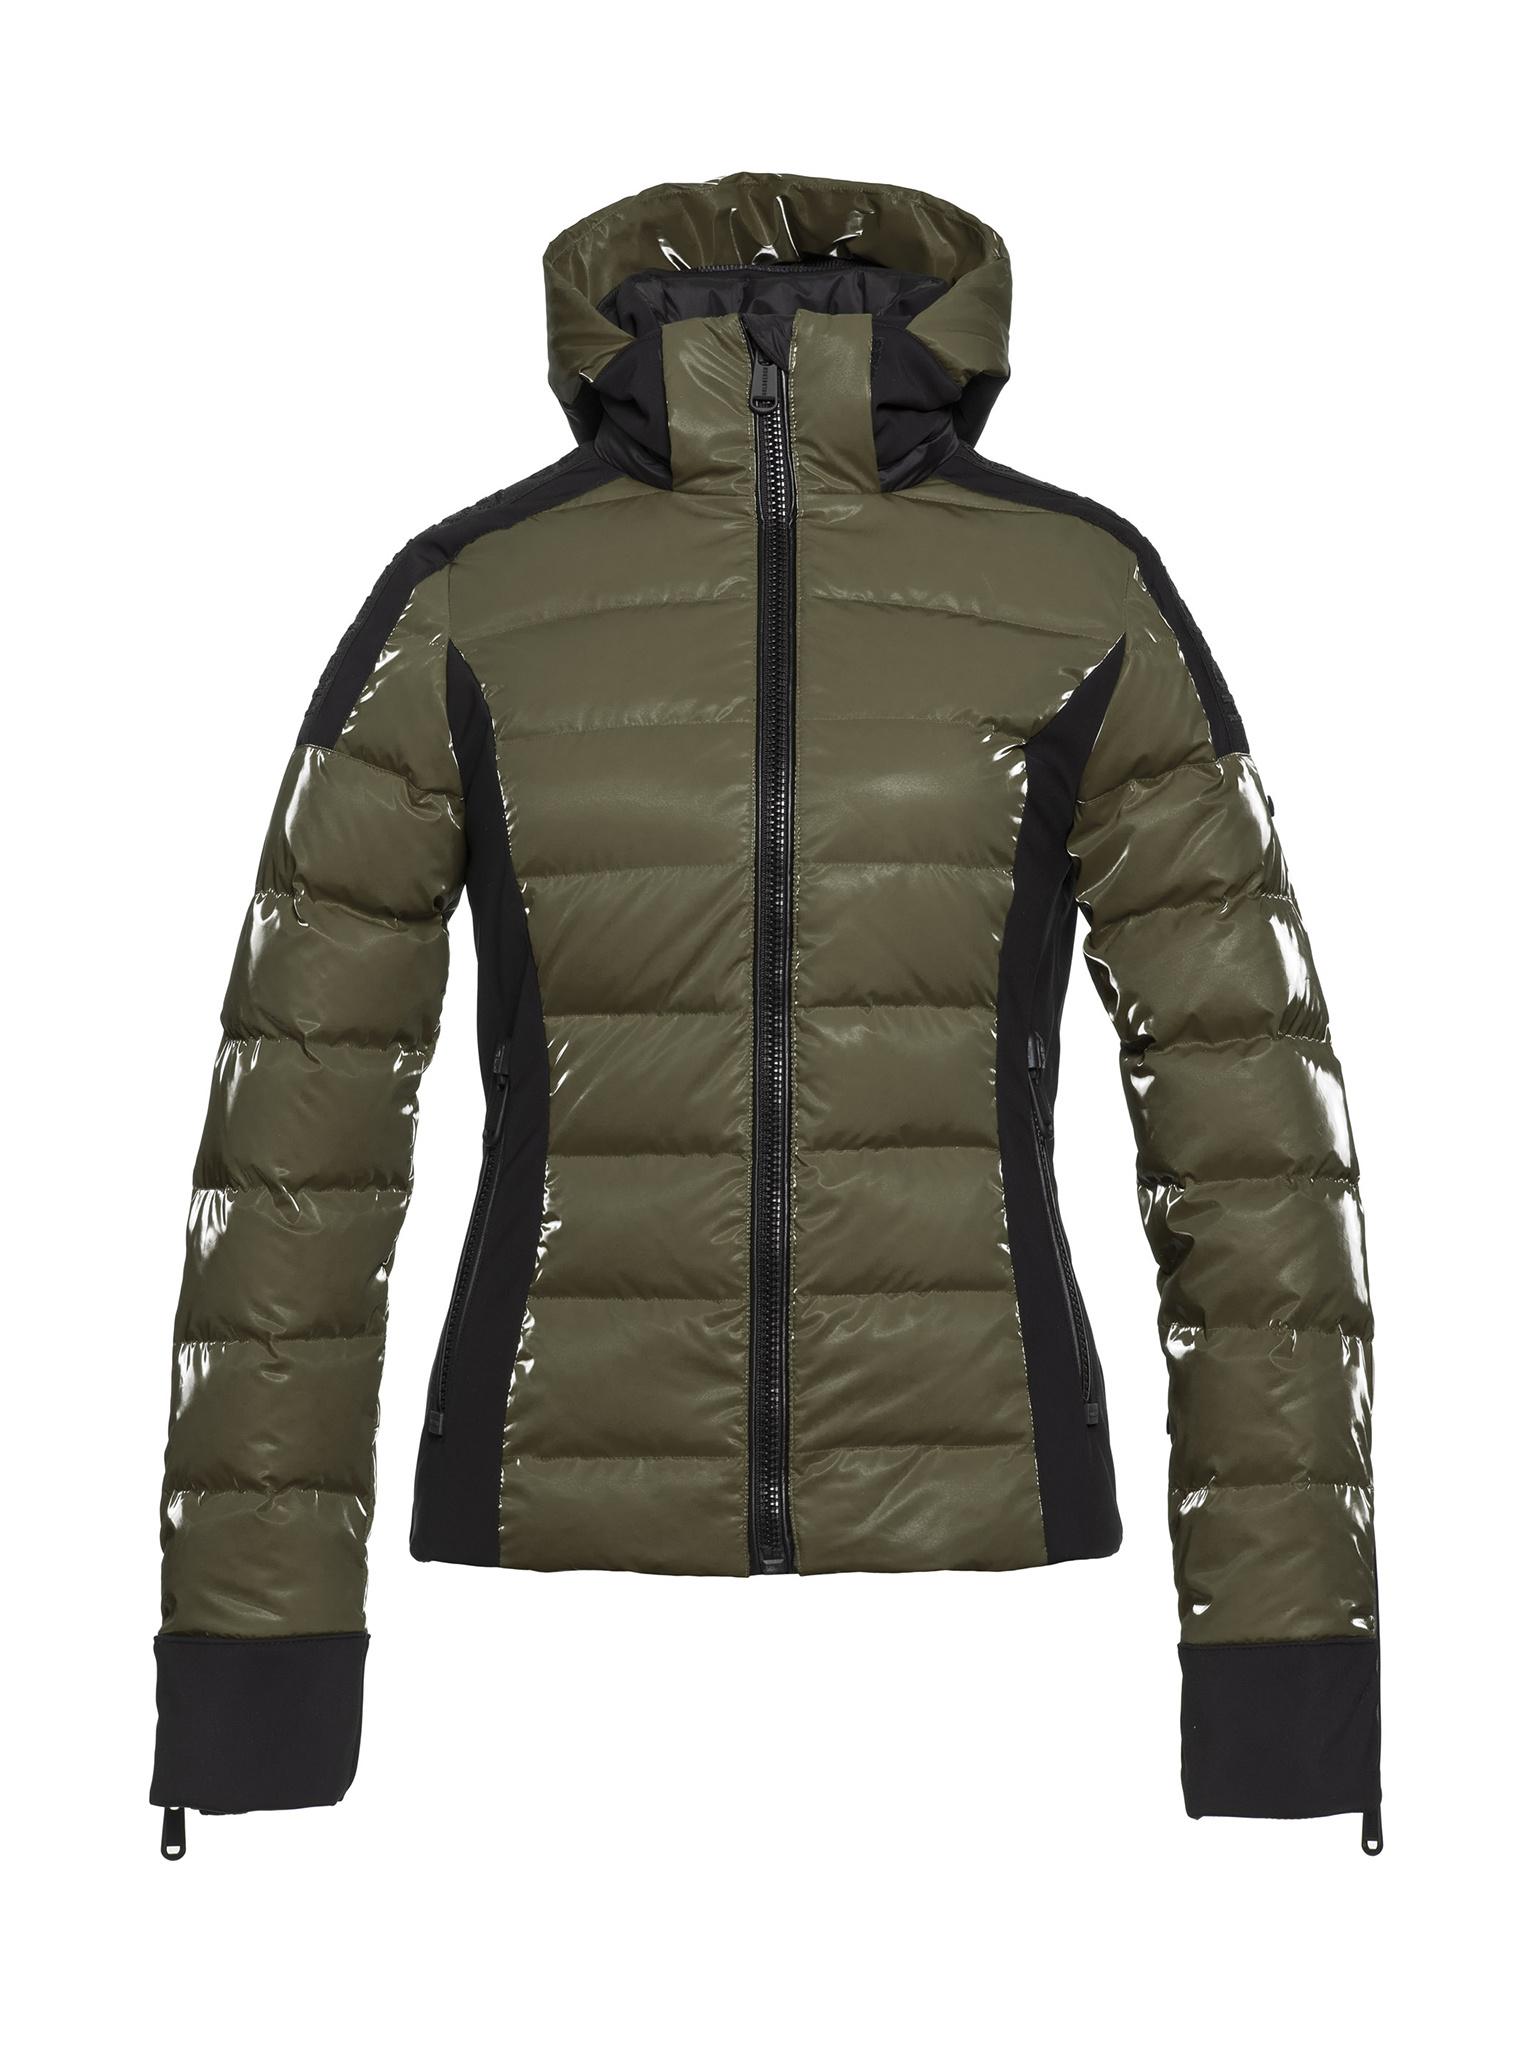 Goldbergh Skidjacka strong jacket olive | NK